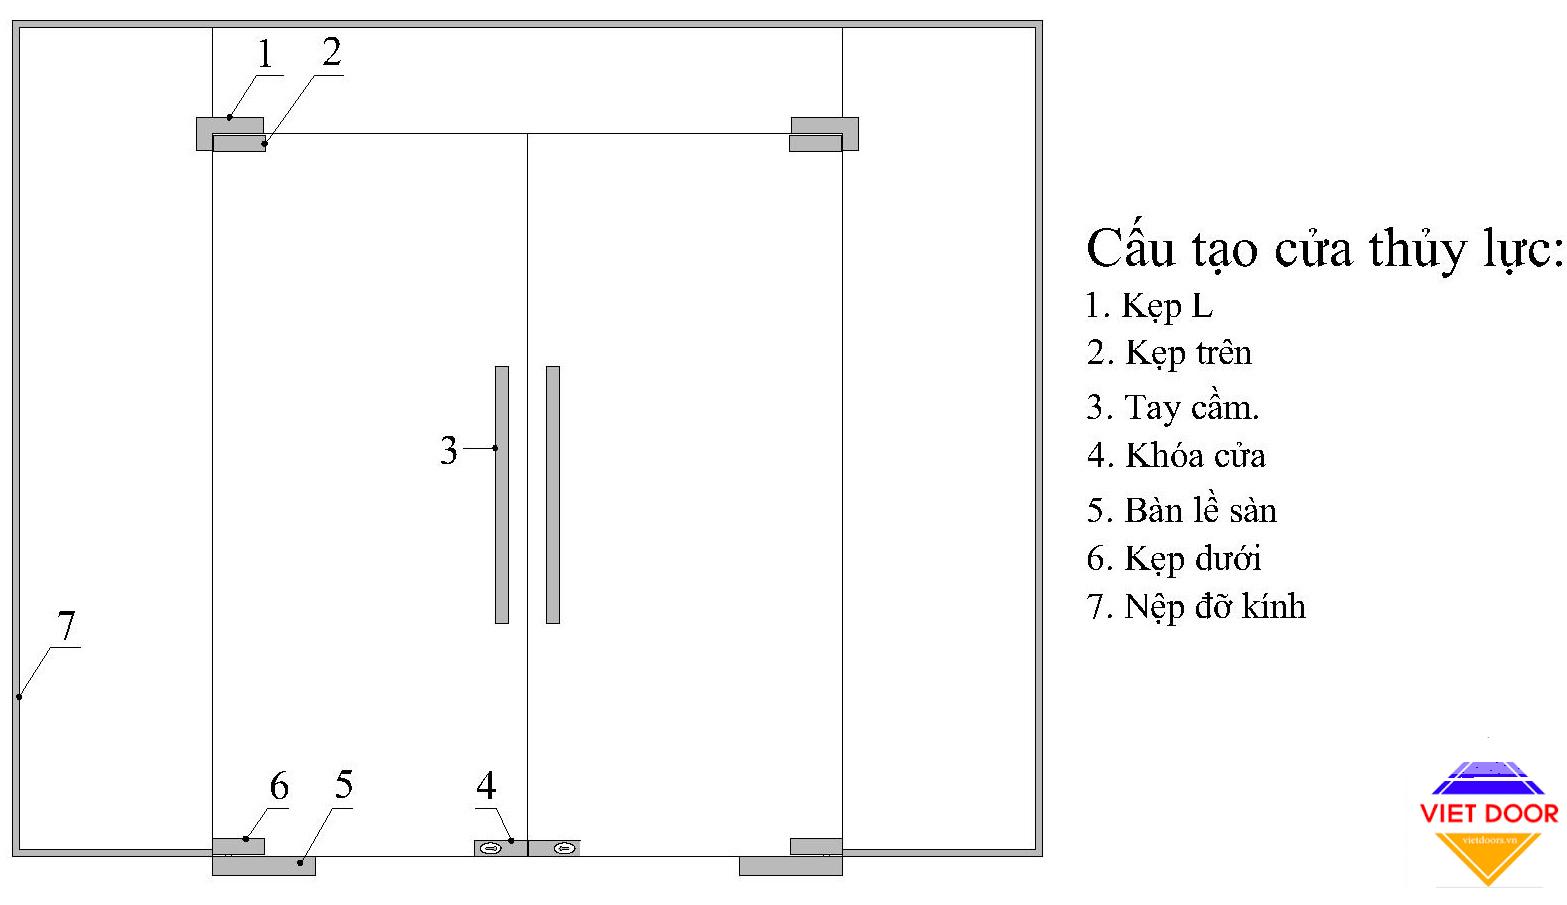 cửa bản lề sàn, cửa lề sàn đà nẵng, cửa kính bản lề sàn tại đà nẵng, cửa kính đà nẵng, cửa kính cường lực lề sàn